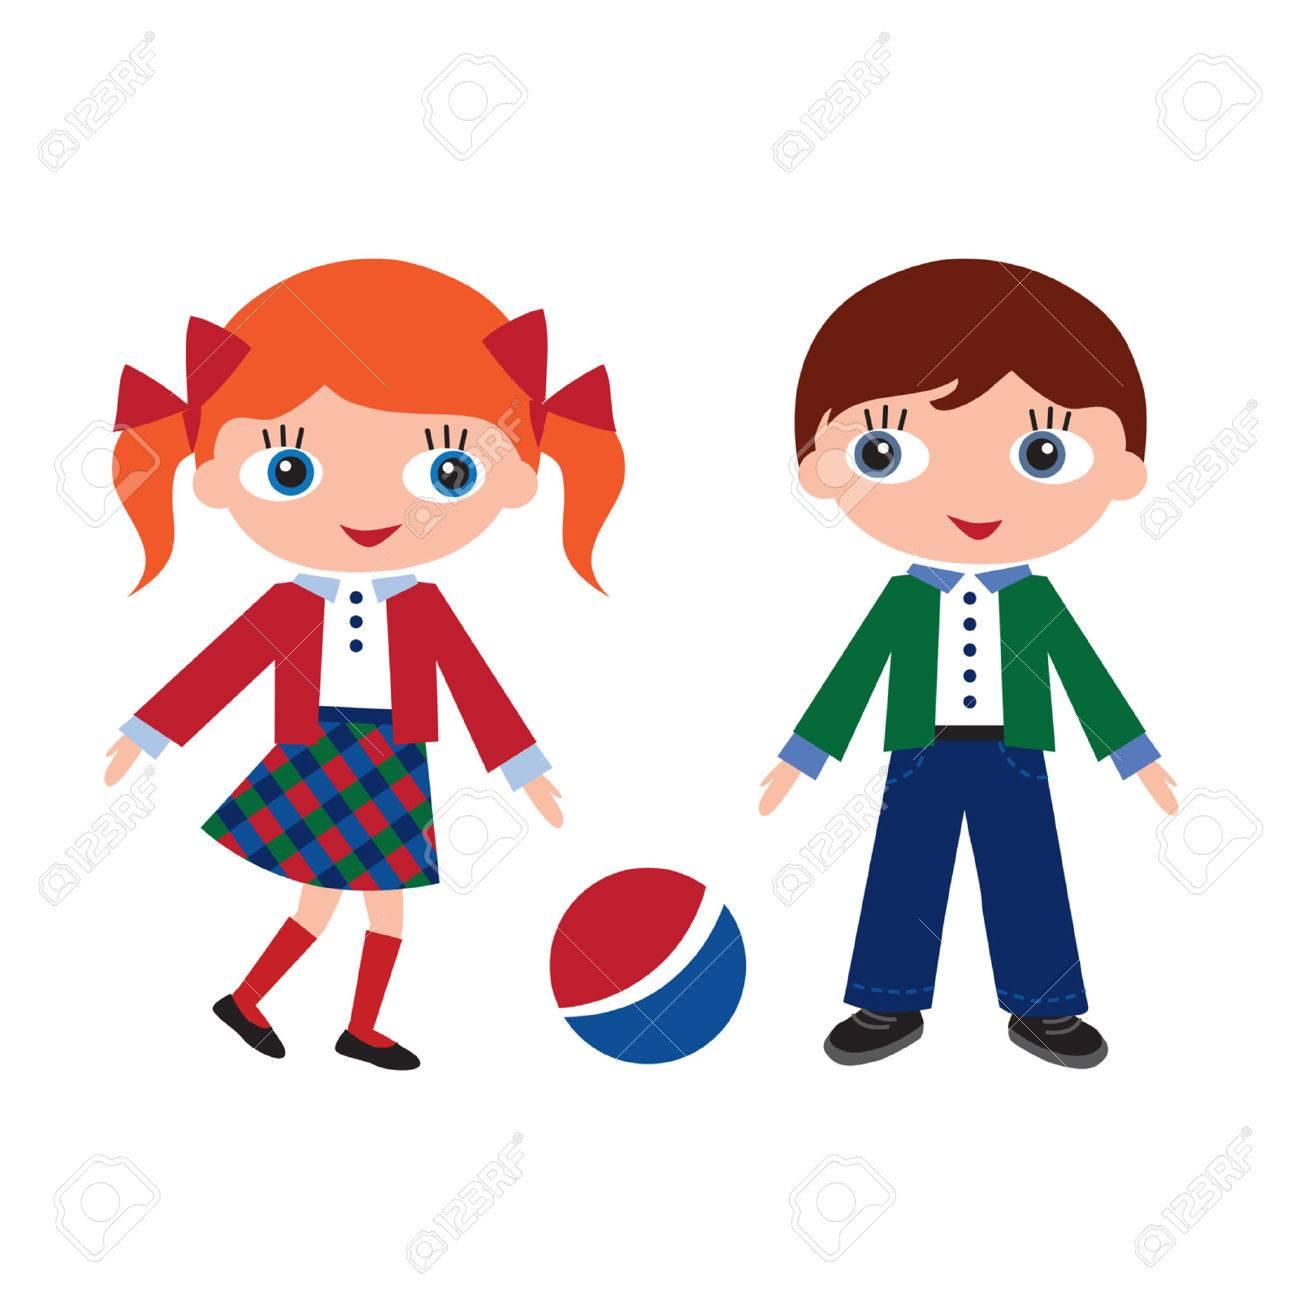 children in school at recess Stock Vector - 25331620